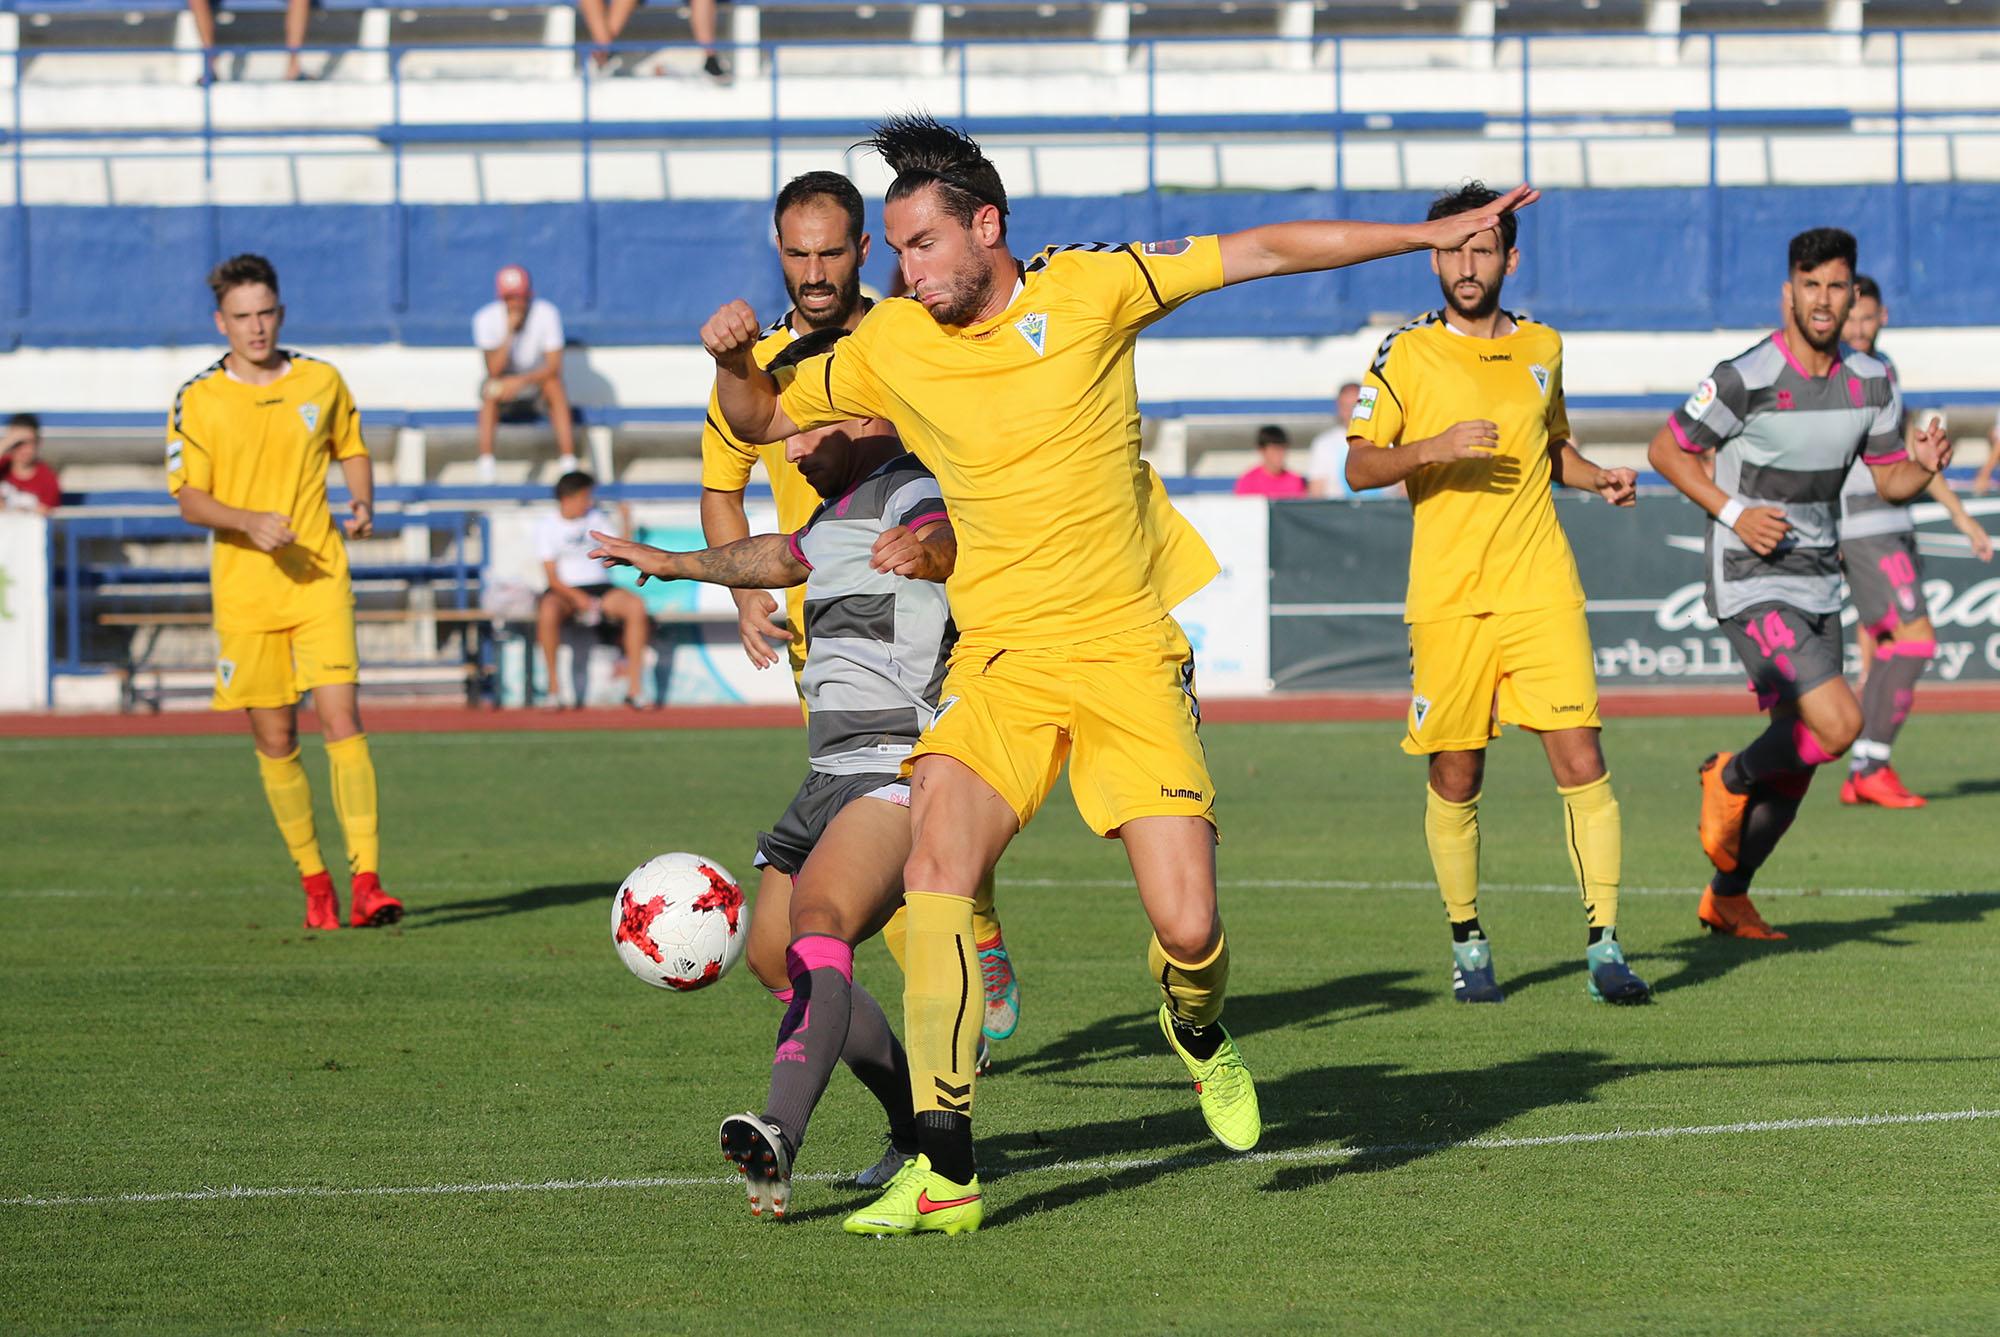 Primer partido de pretemporada del Marbella FC en su estreno ante el Granada CF (0-1)